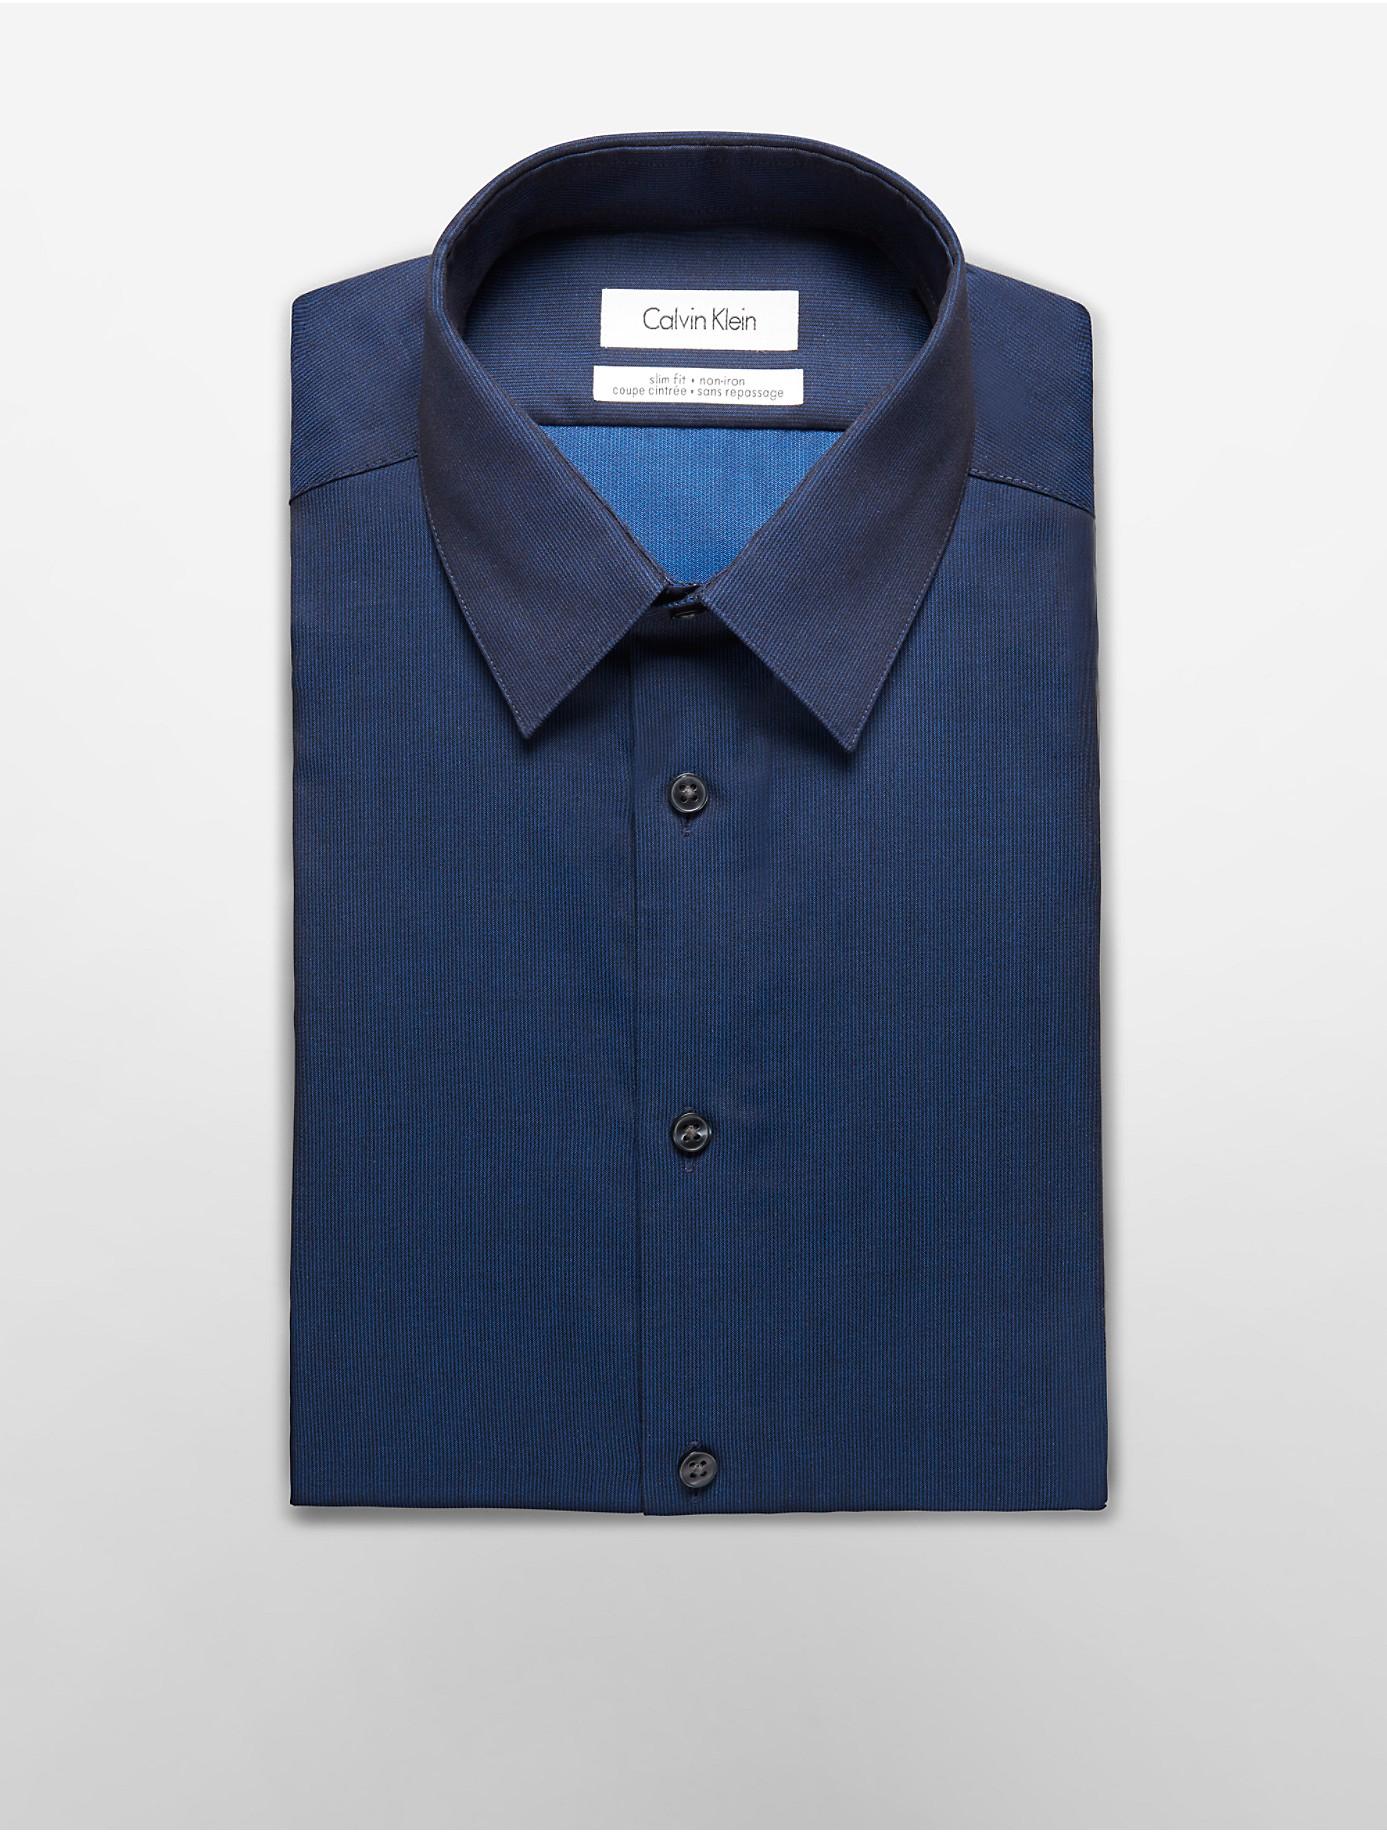 Calvin Klein Steel Slim Fit Non Iron Solid Poplin Dress